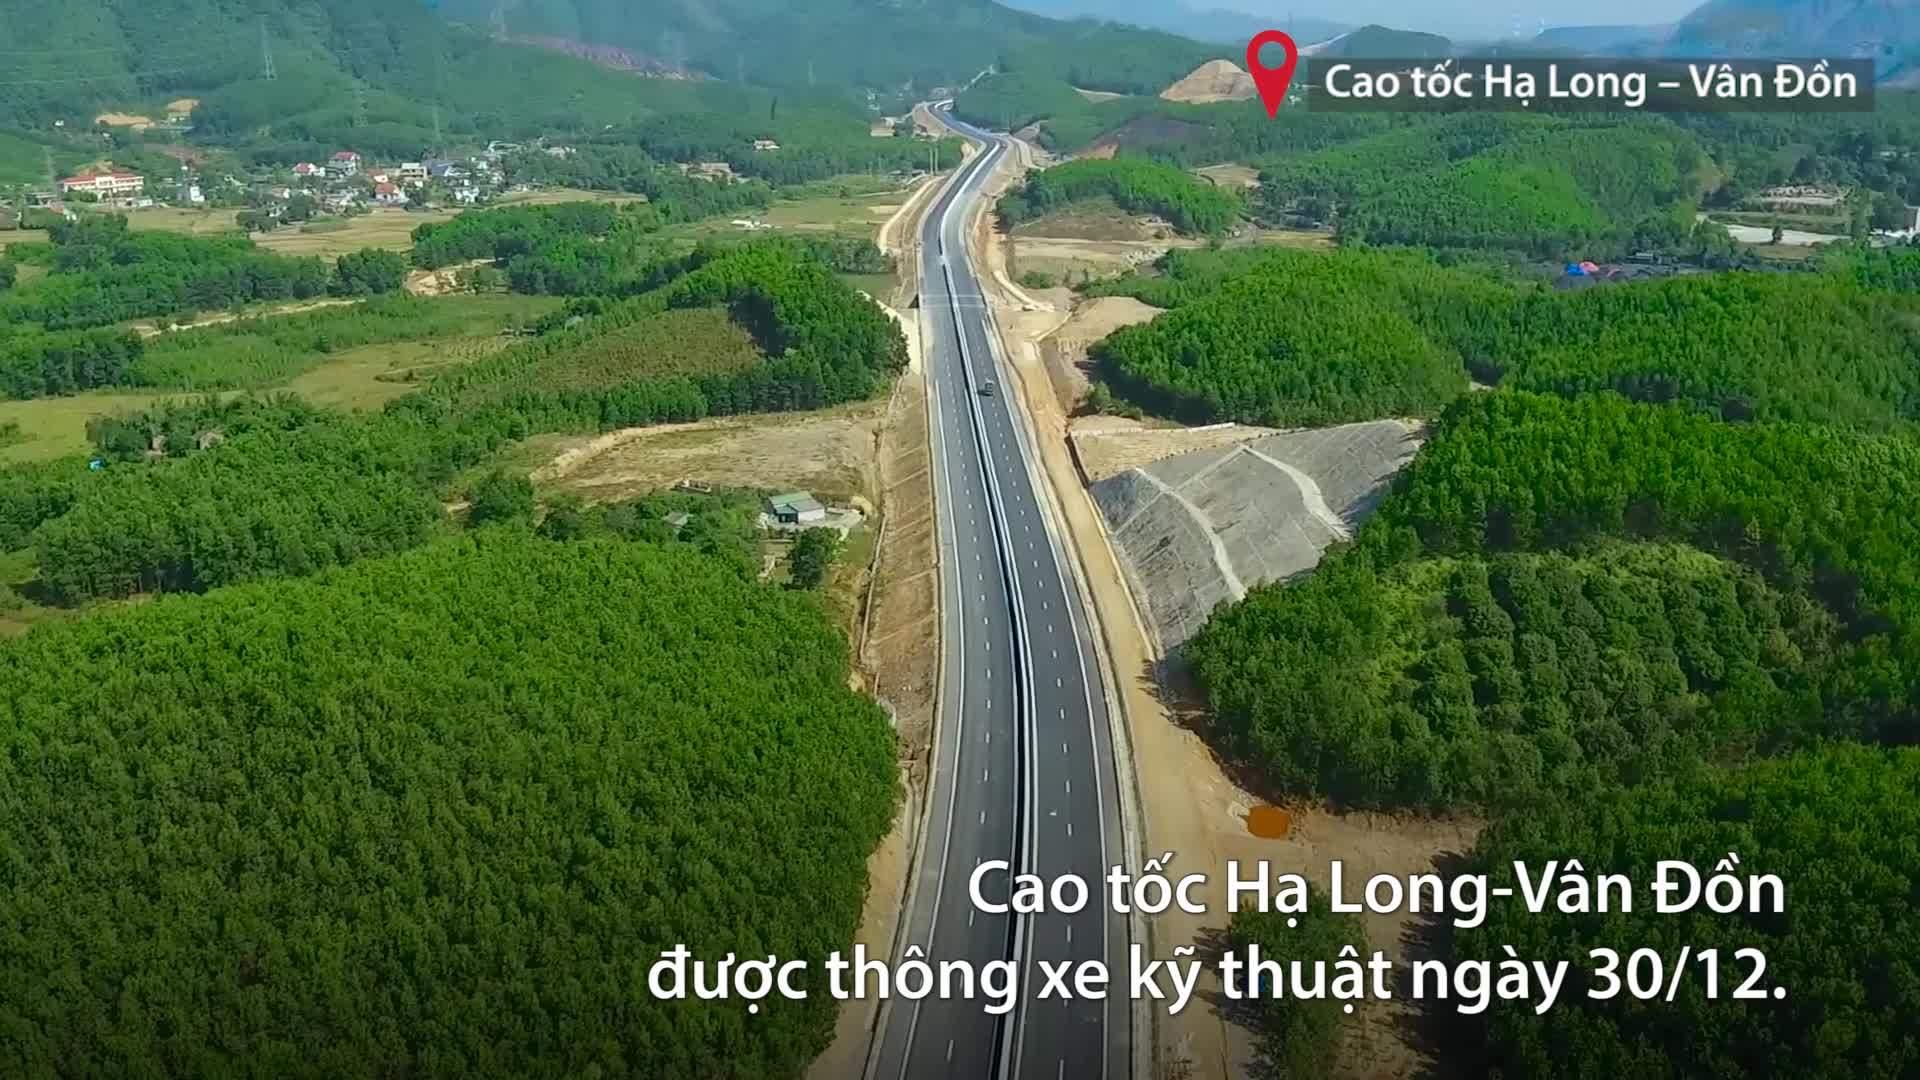 Cao tốc Hạ Long – Vân Đồn trước ngày thông xe